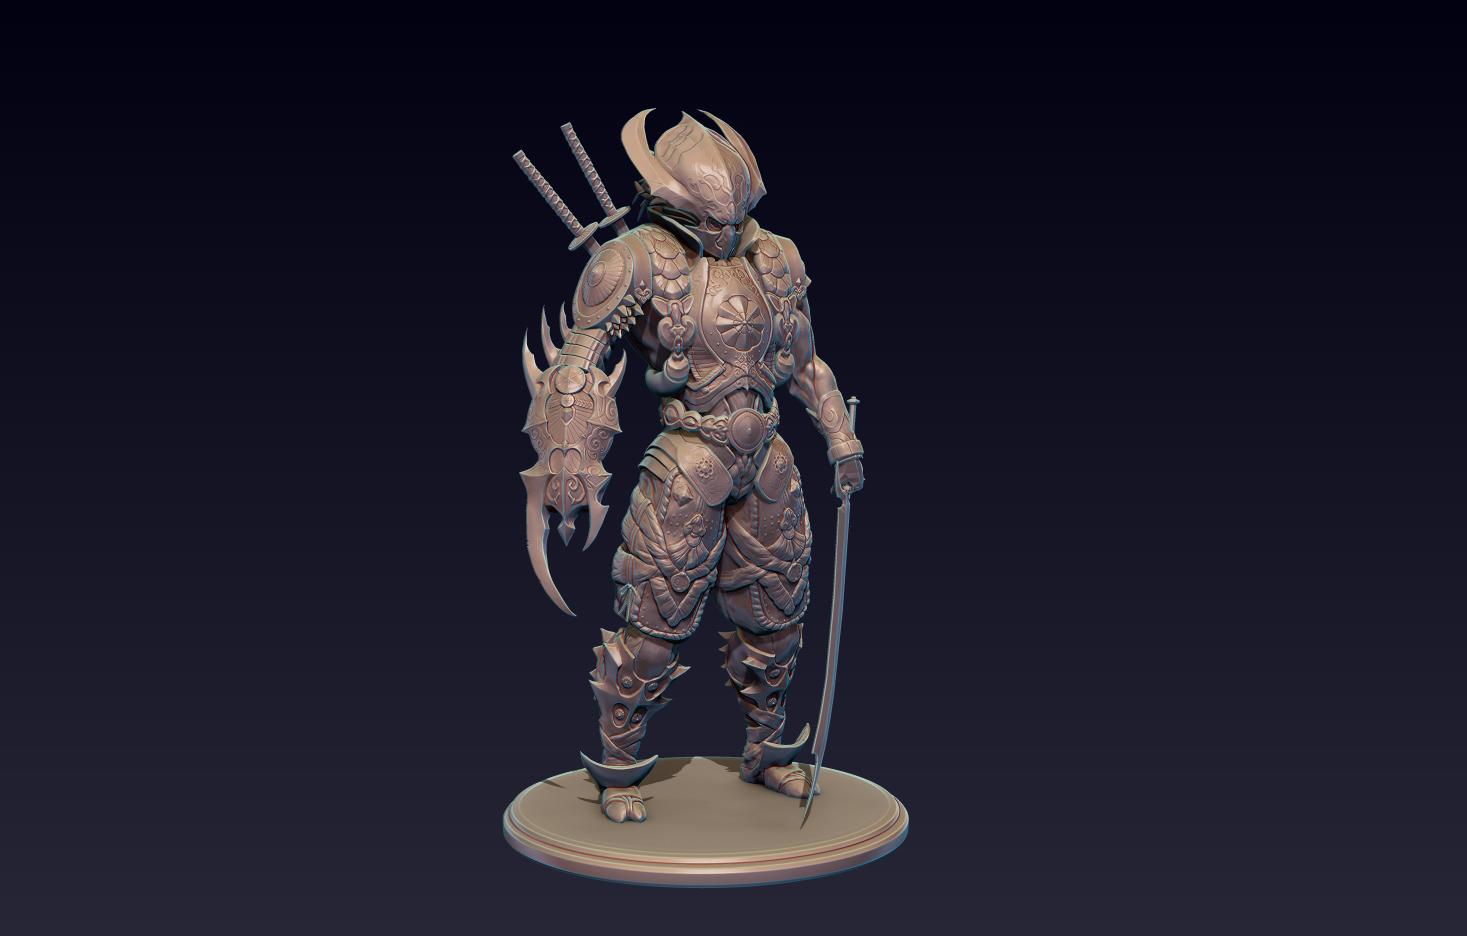 Guardian Sculpt